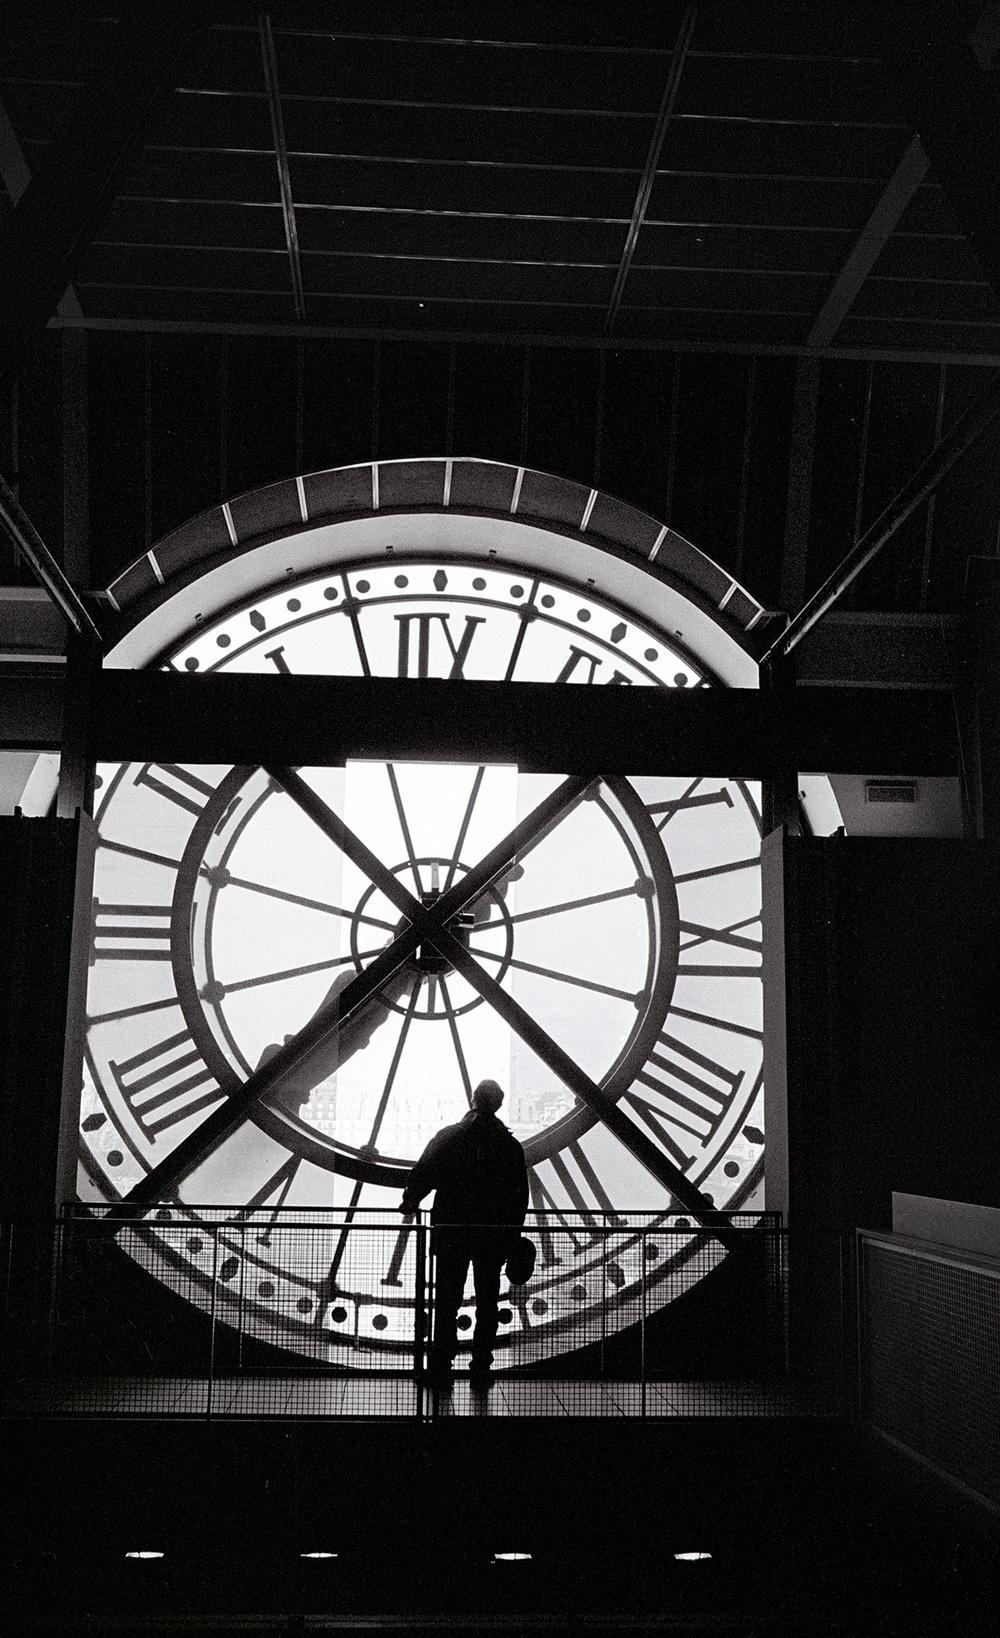 Musee Clock 03